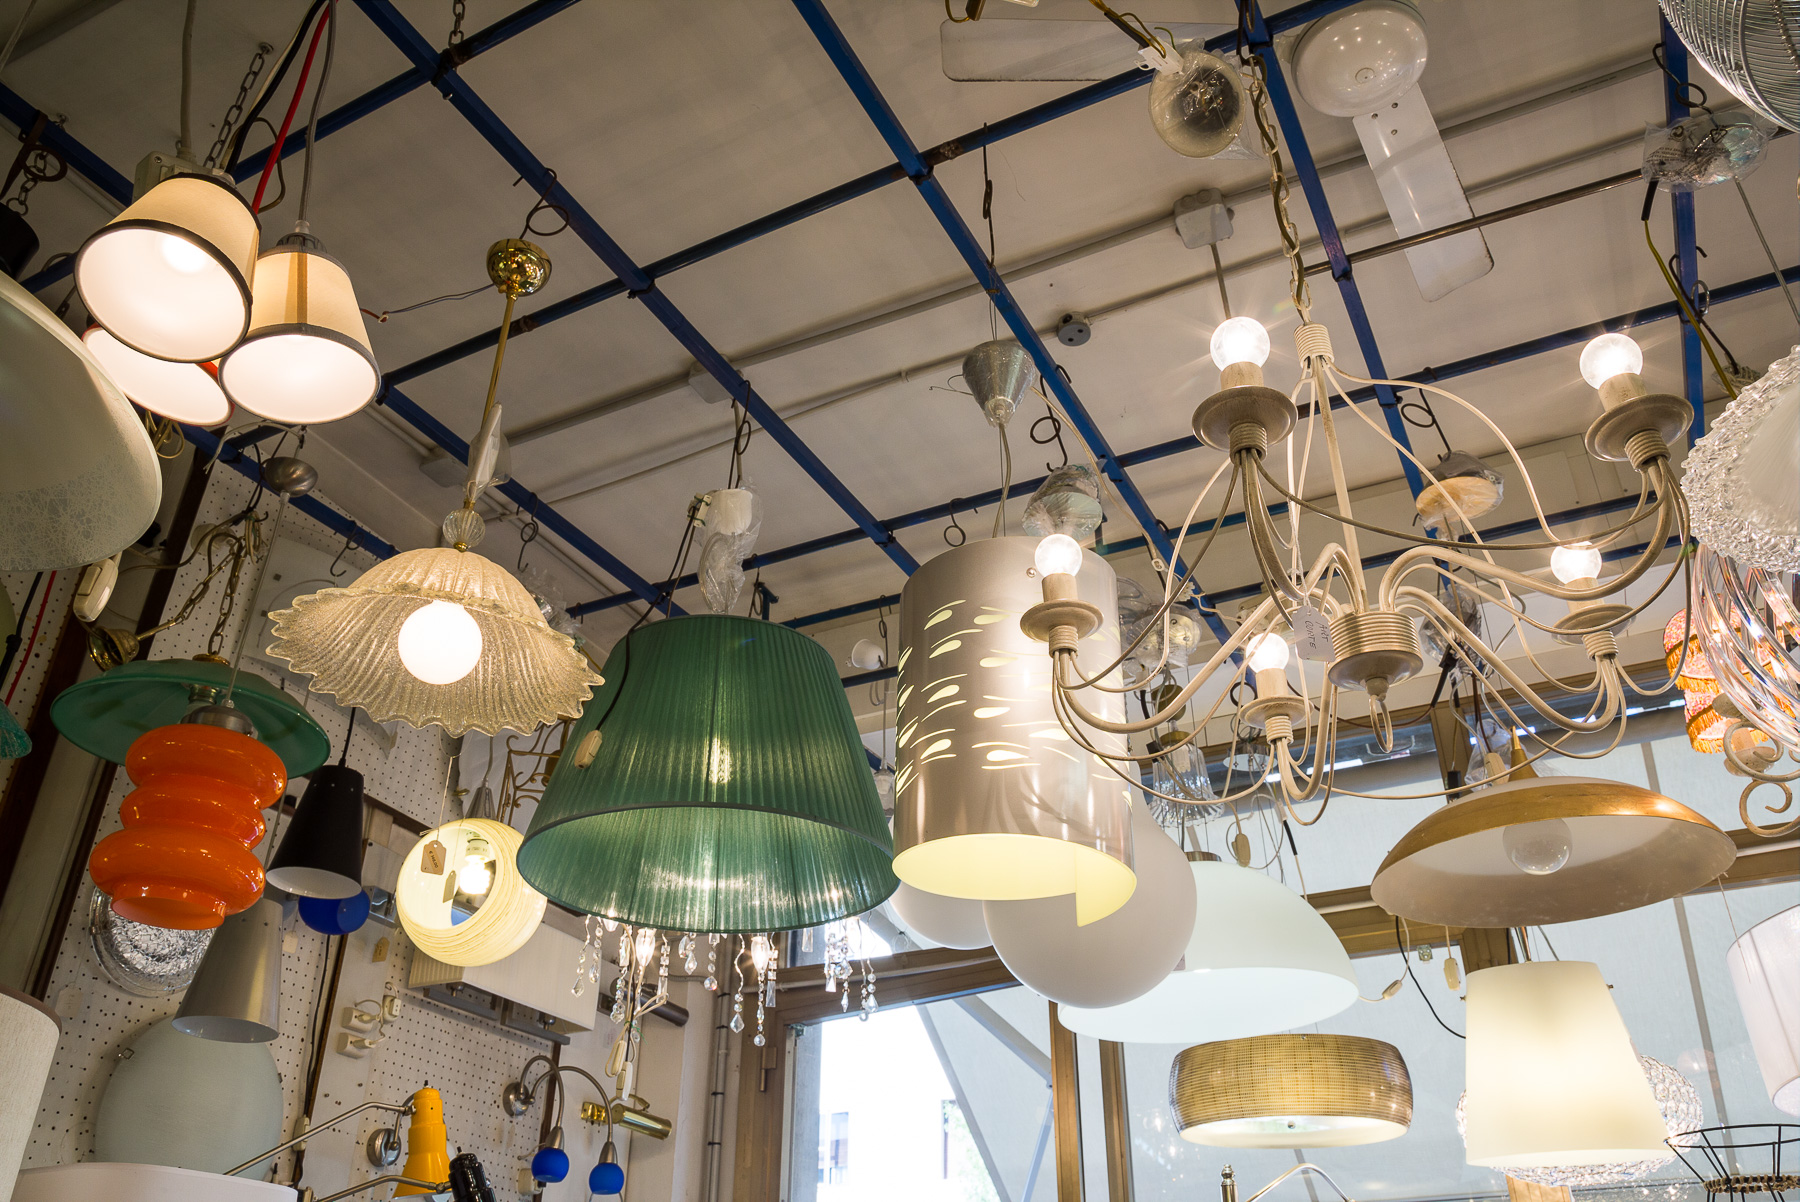 lampadari stile moderno : Lampadari a sospensione, stile classico e moderno